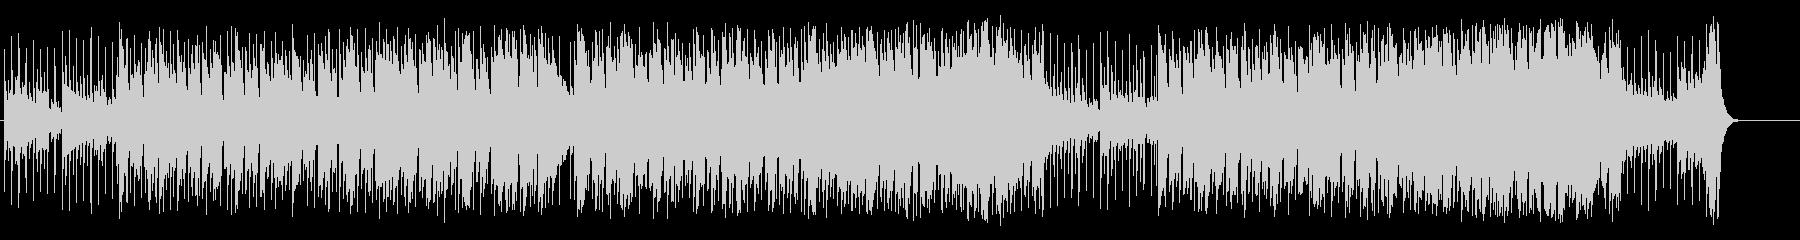 ブレックファーストタイムイメージの未再生の波形